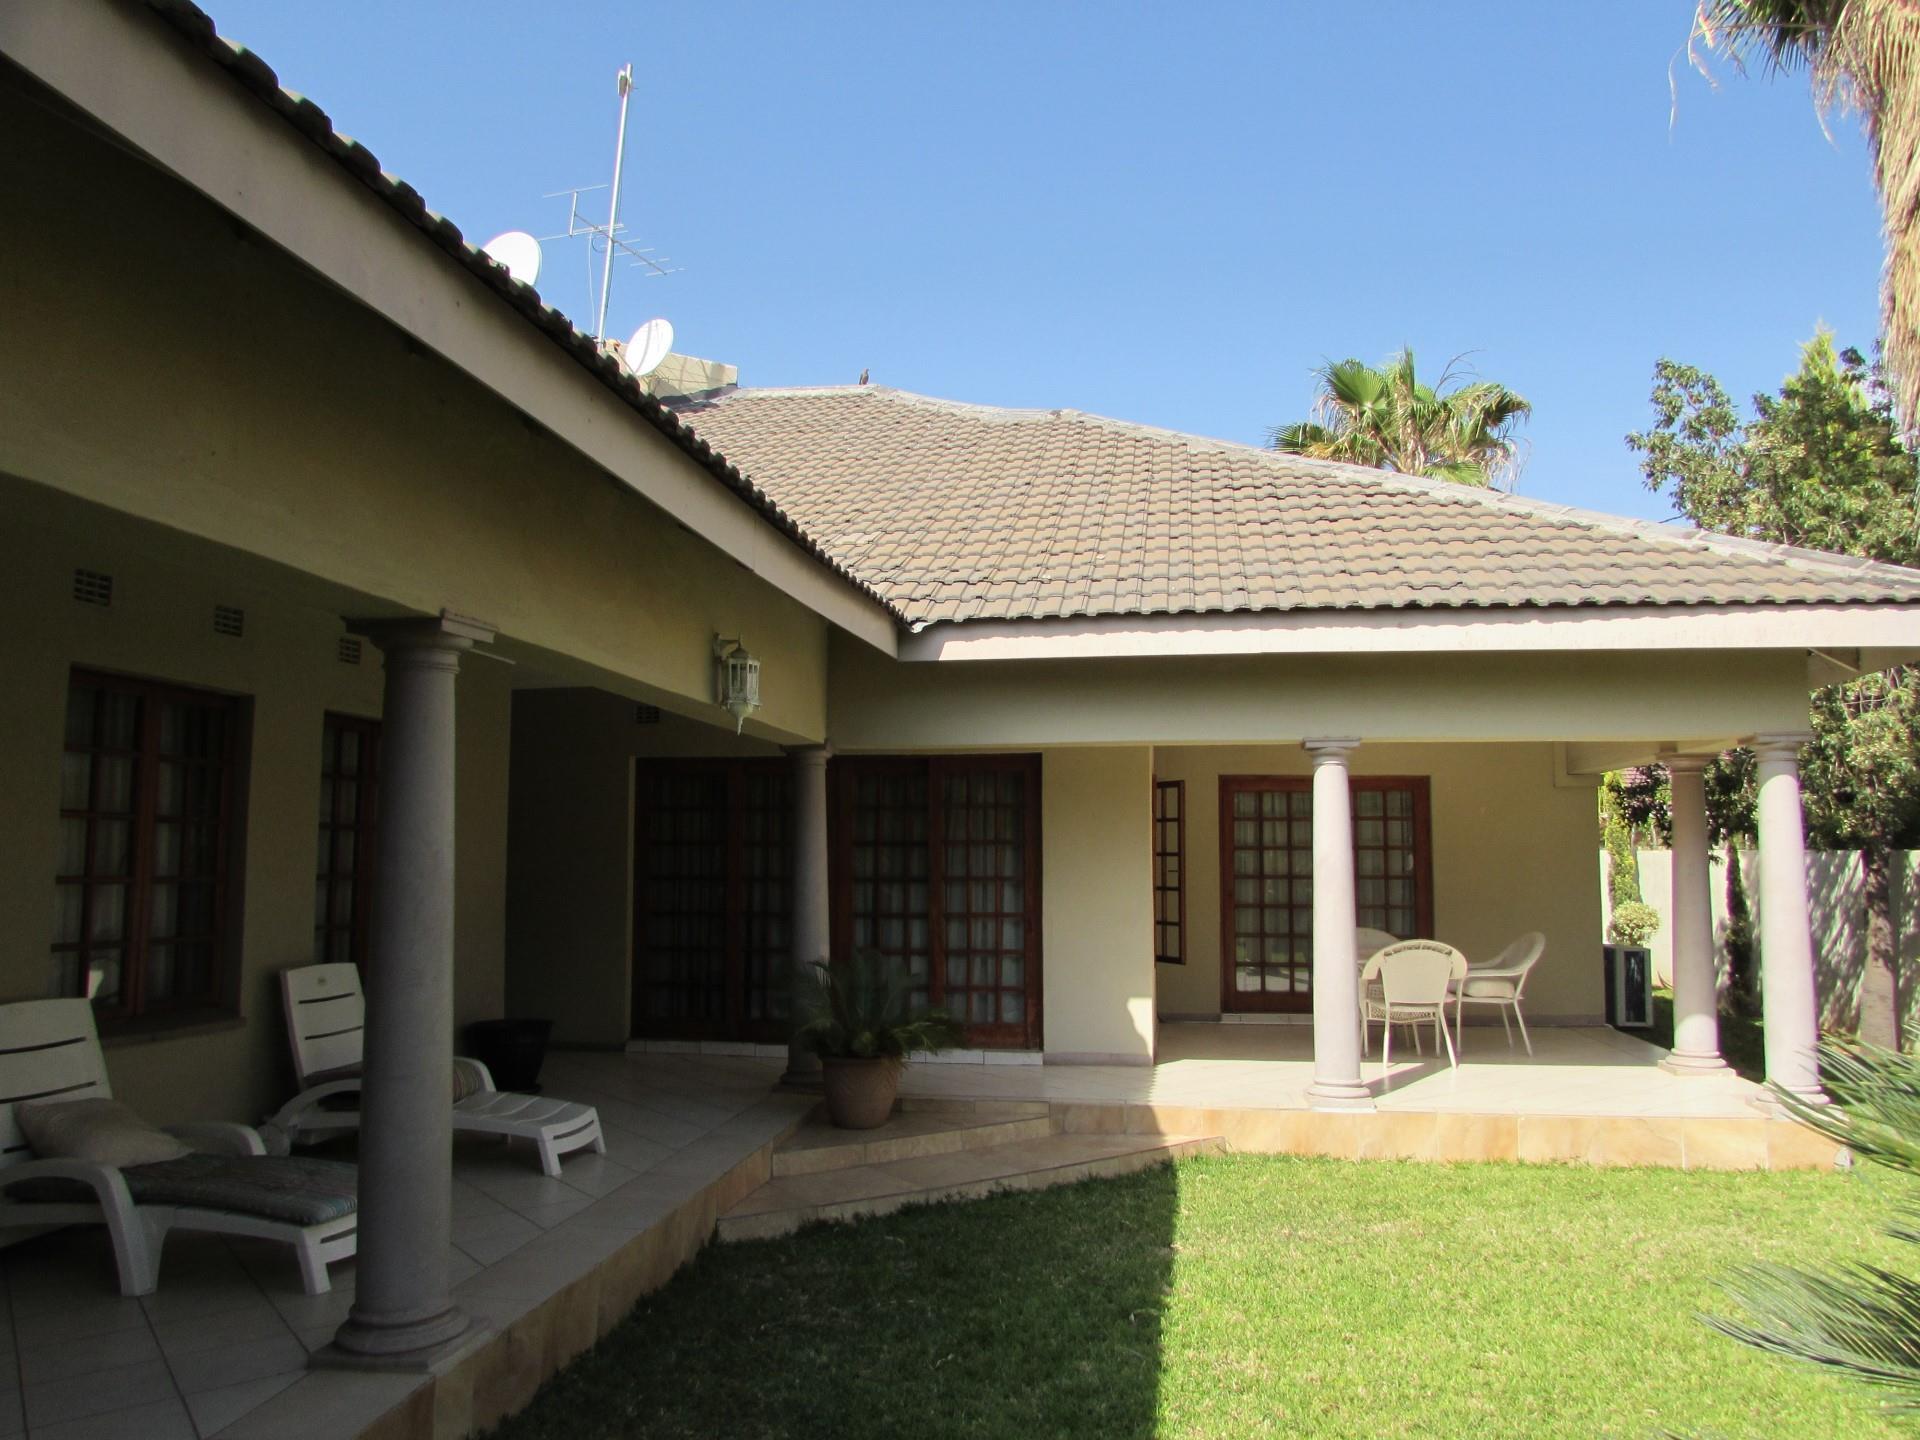 4 Bedroom House To Rent in Block 8